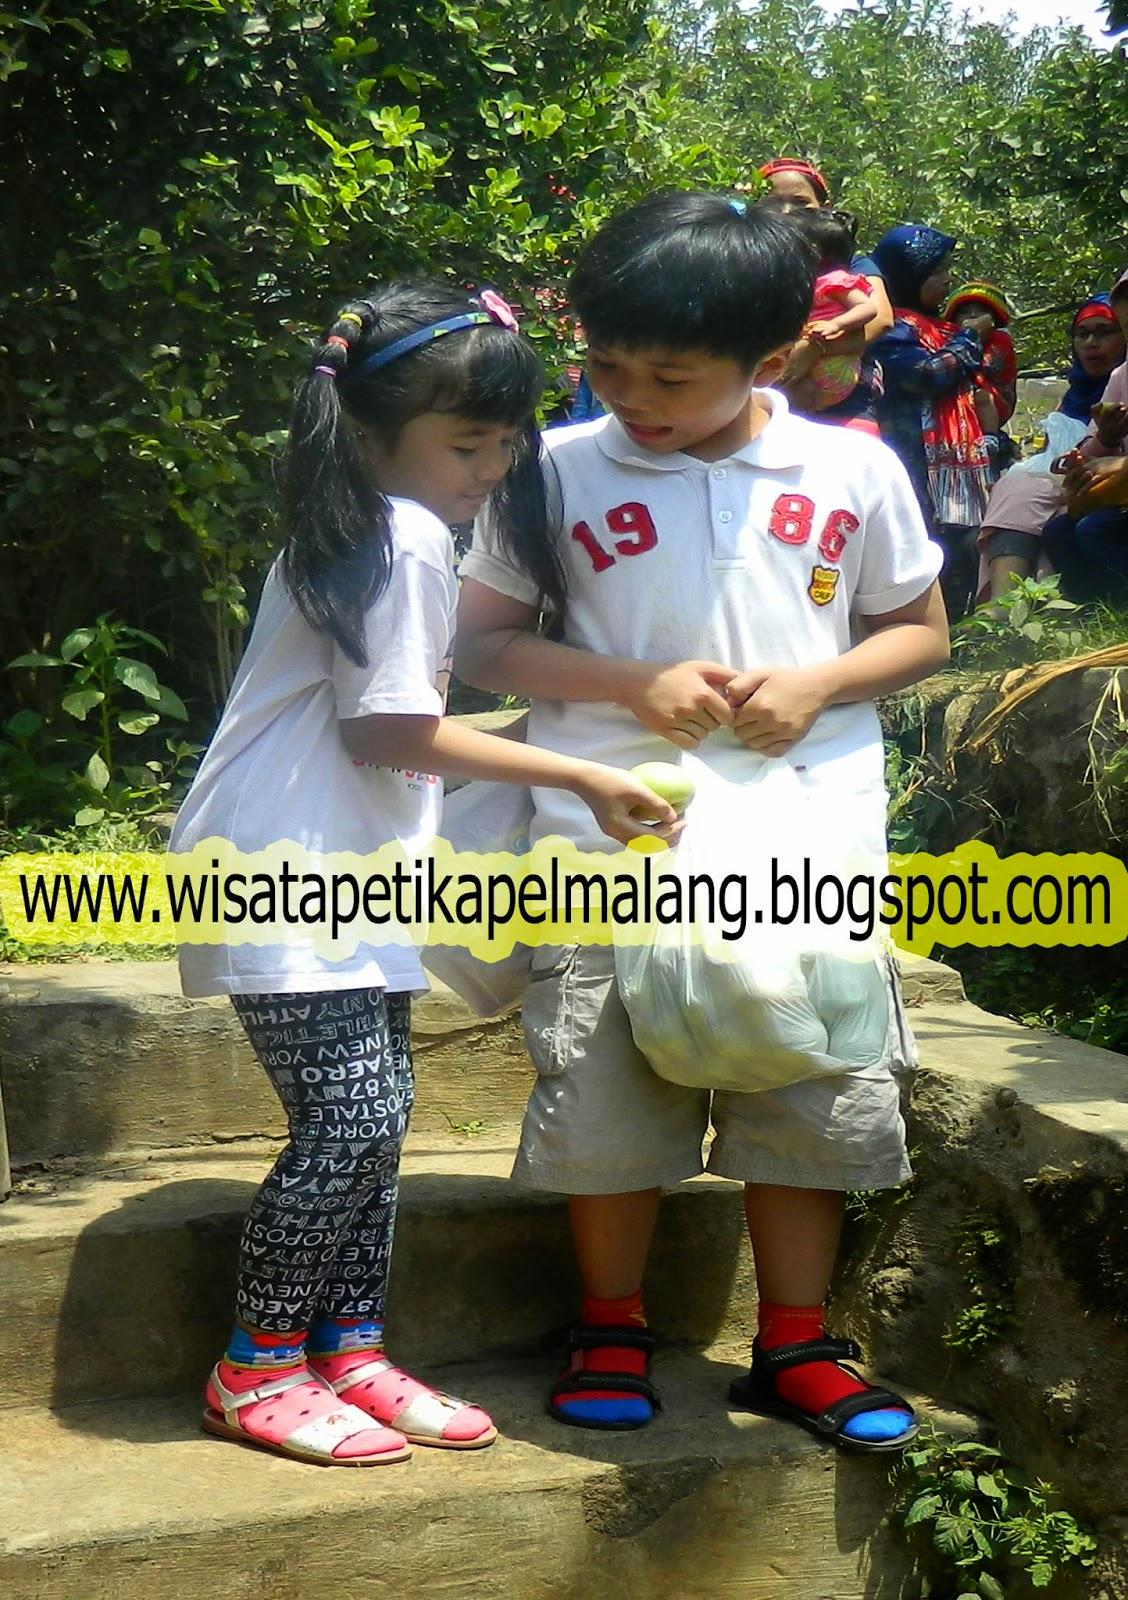 petik apel batu, www.wisatapetikapelmalang.blogspot.com, 082231080521